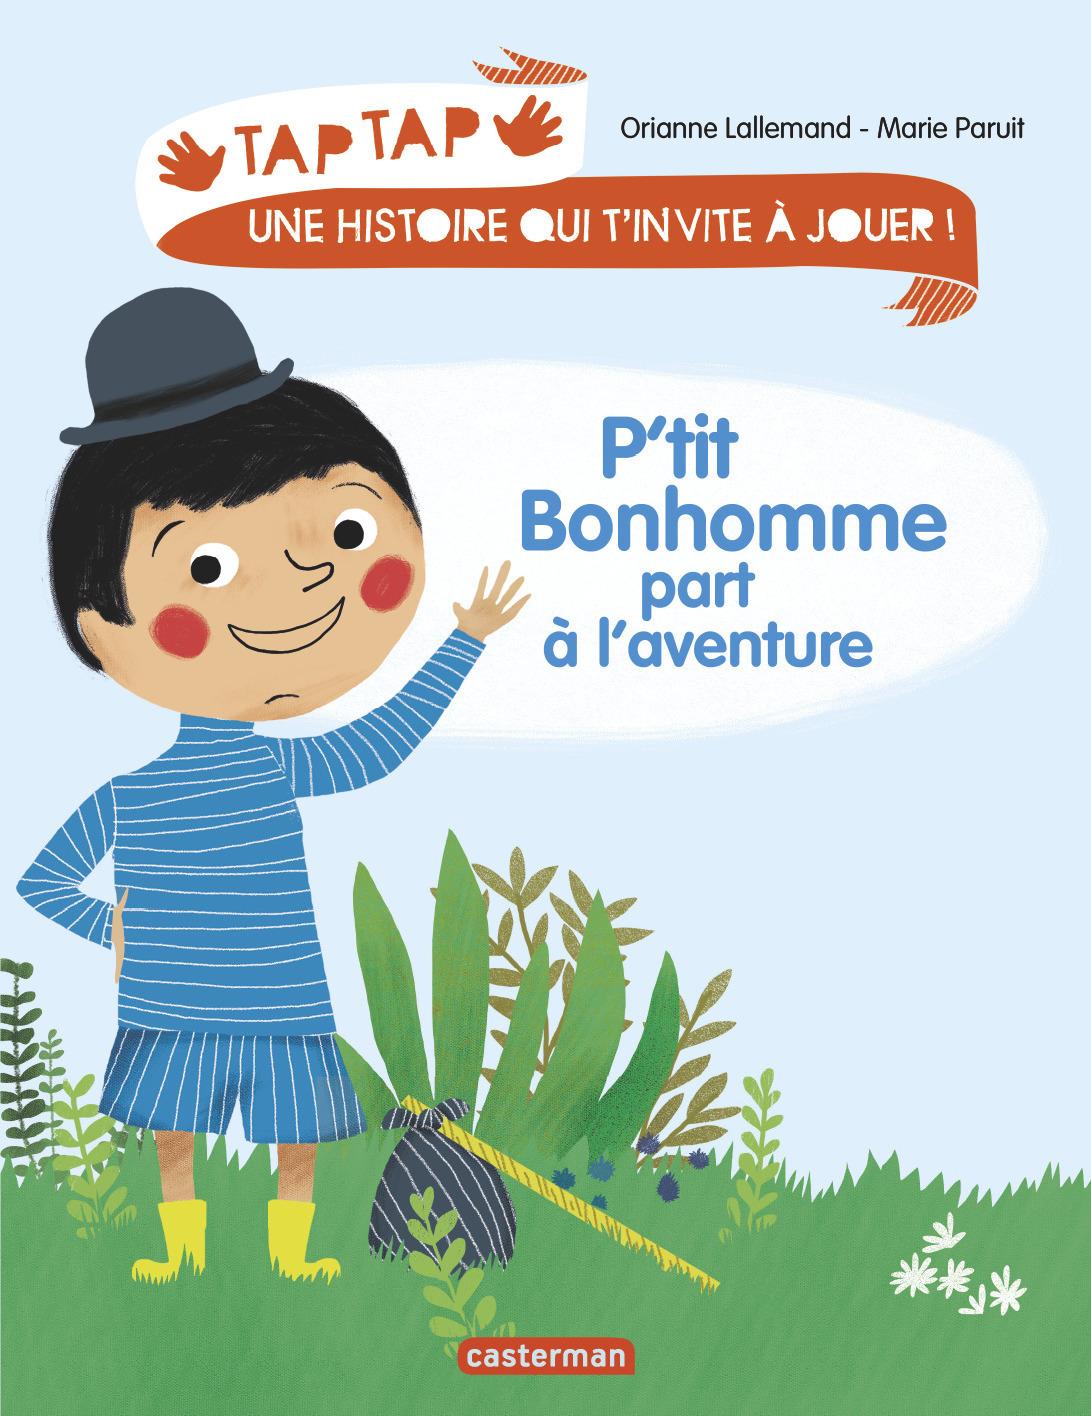 P'TIT BONHOMME PART A L'AVENTURE